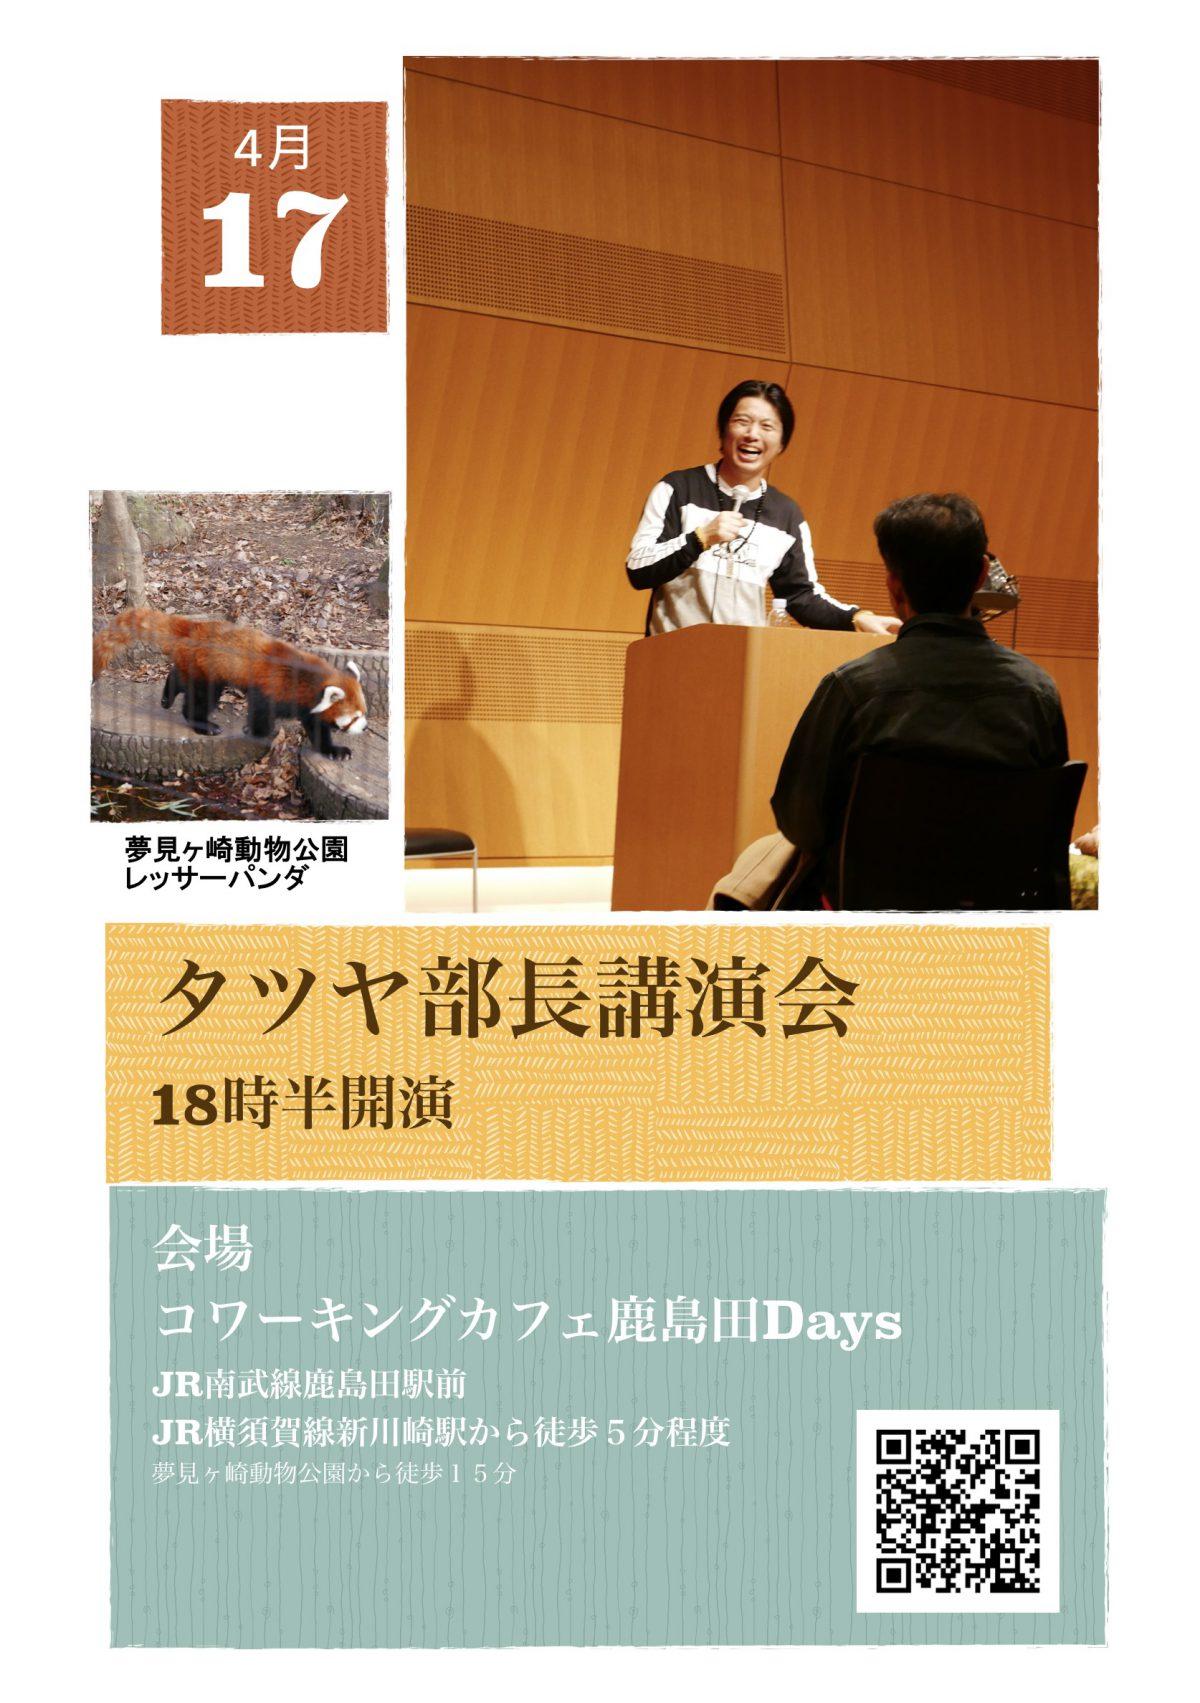 タツヤ部長の講演会